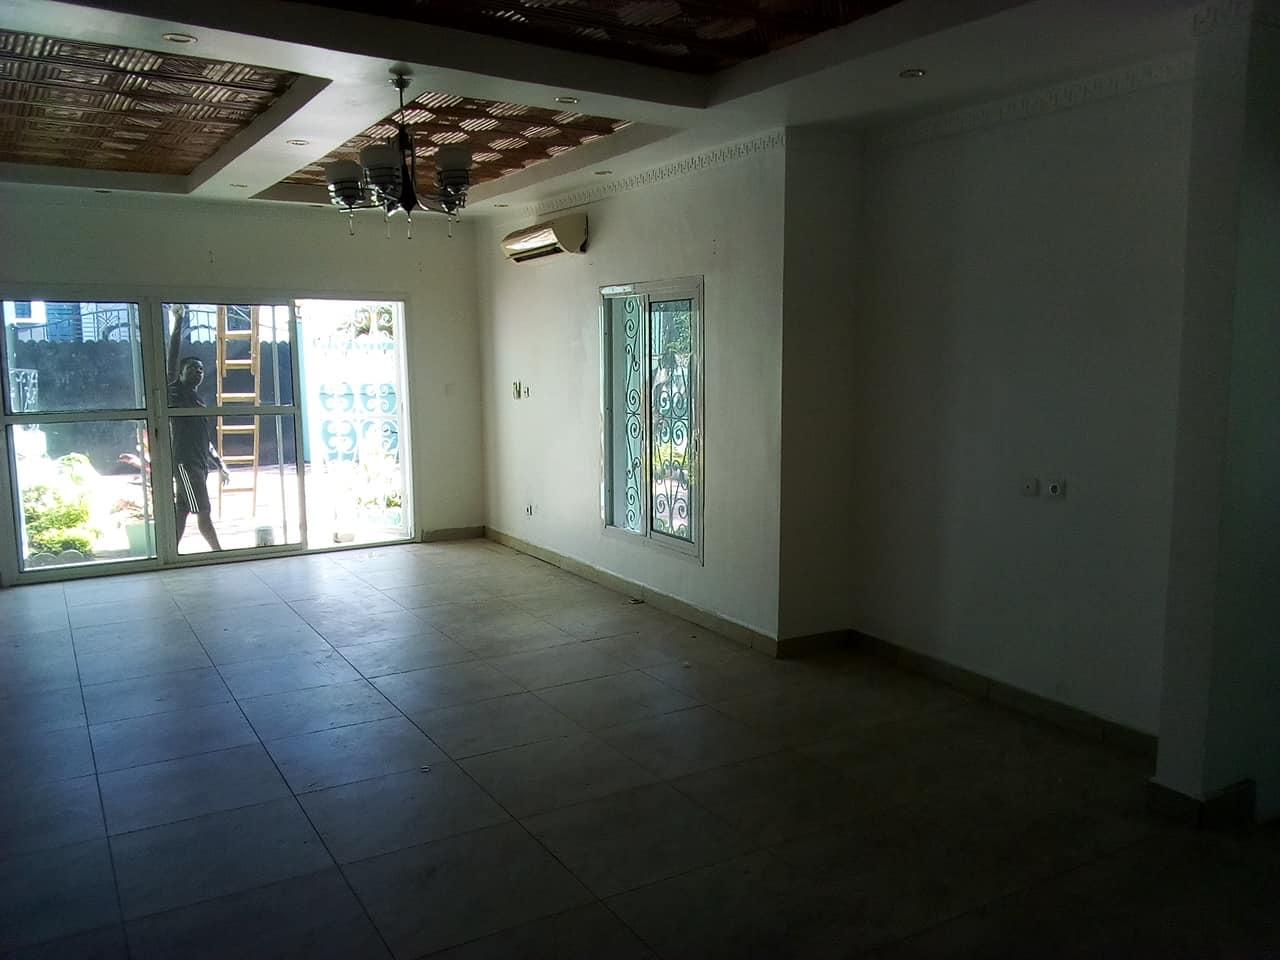 Maison (Villa) à louer - Yaoundé, Bastos, GOLF - 1 salon(s), 4 chambre(s), 3 salle(s) de bains - 1 300 000 FCFA / mois